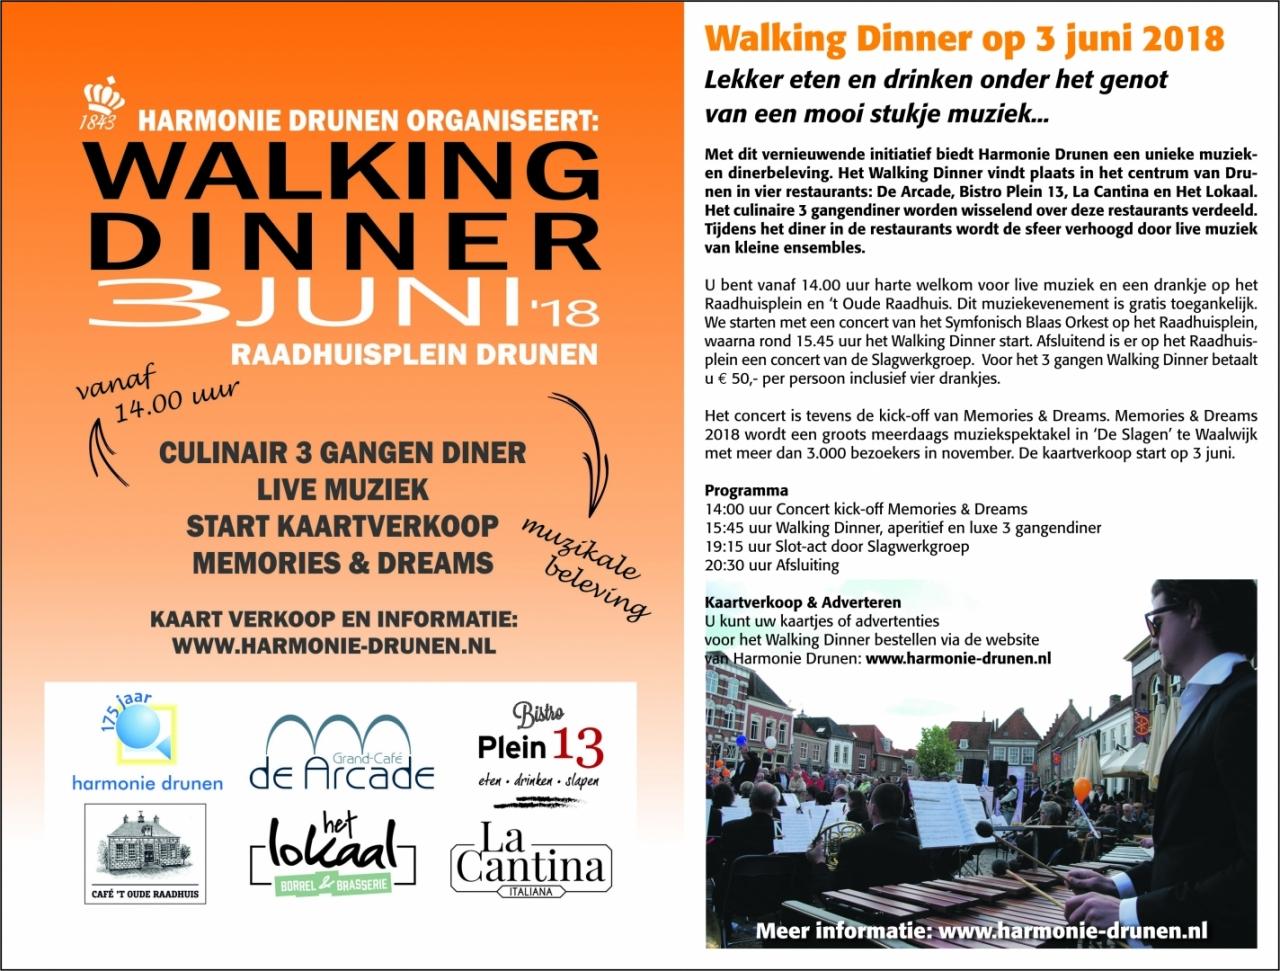 Walking-Dinner klik hier voor de bestelpagina!